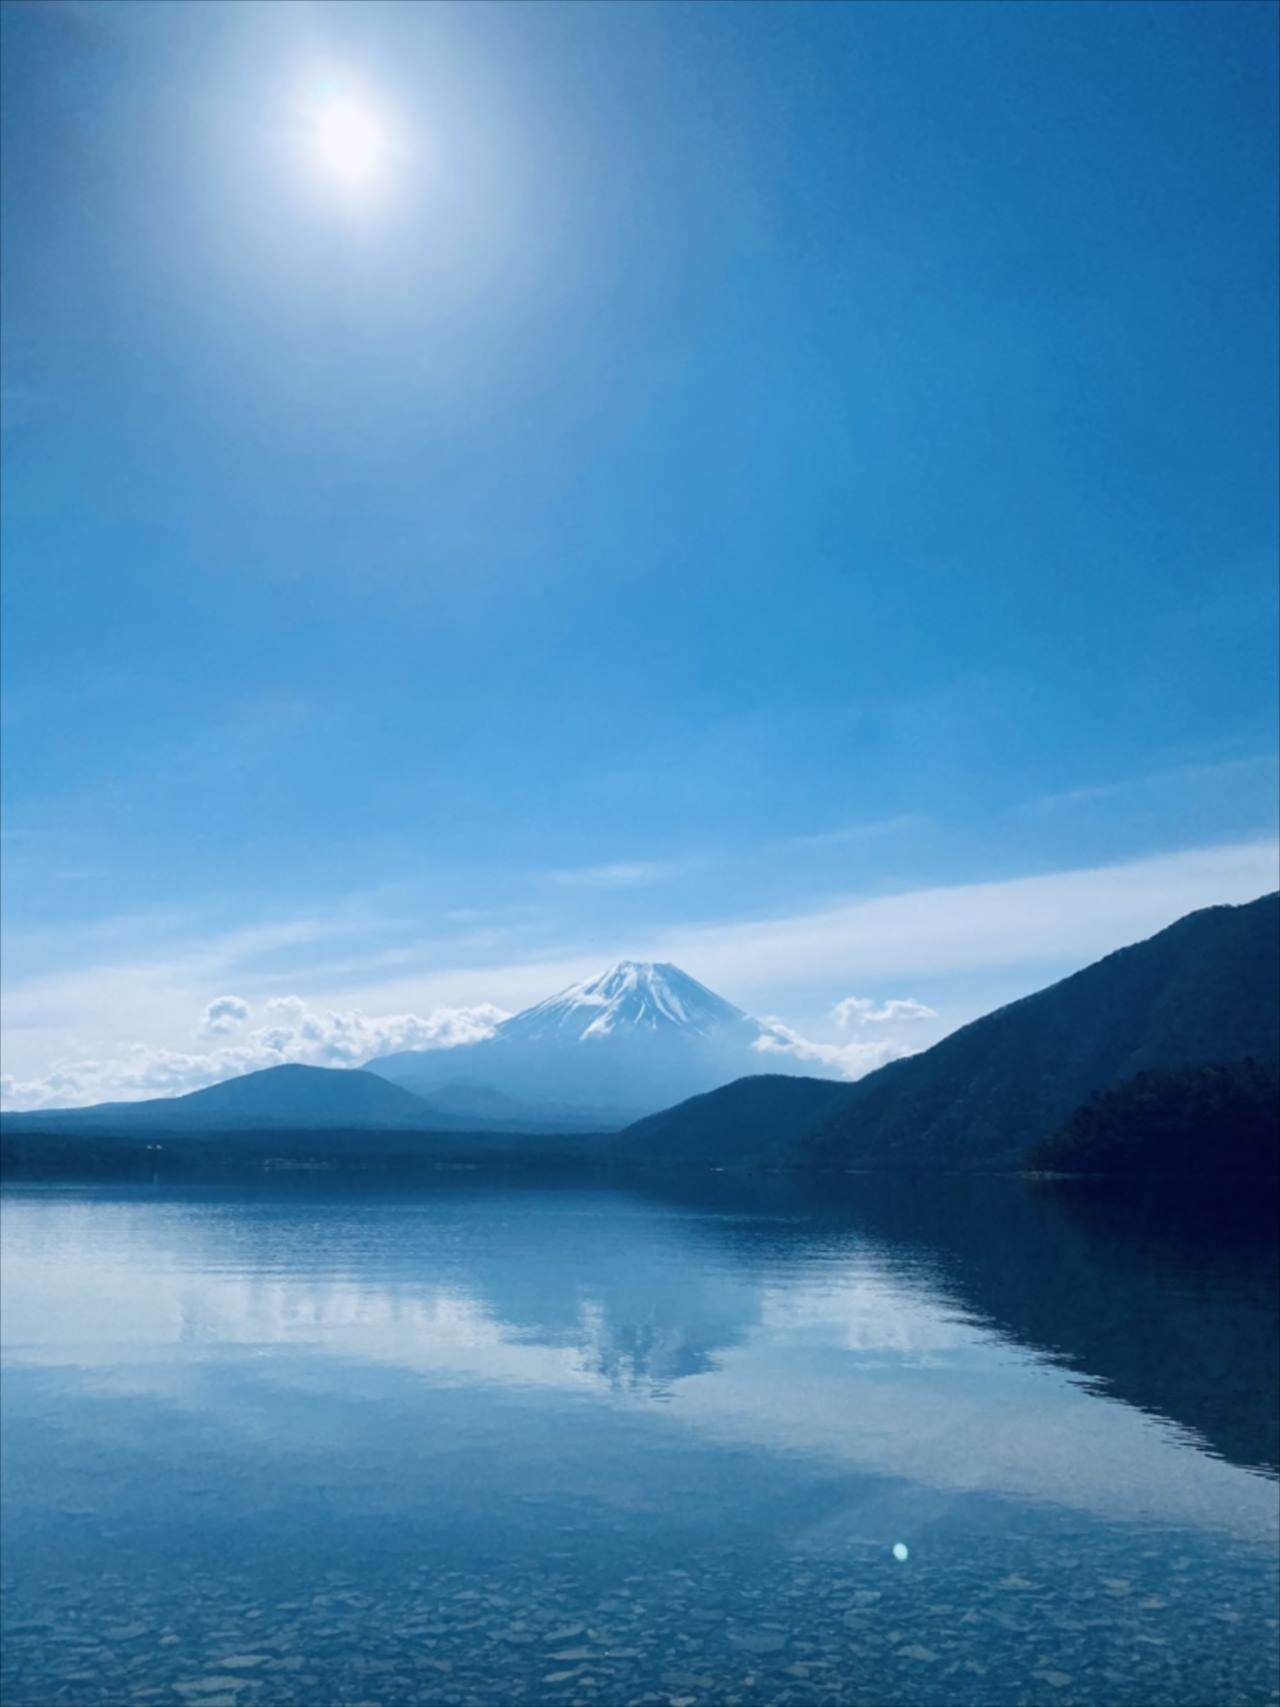 """「本当にある景色なんだ・・・」湖畔から富士山を望む光景は、財布の中にある""""アレ""""の場所だった!"""